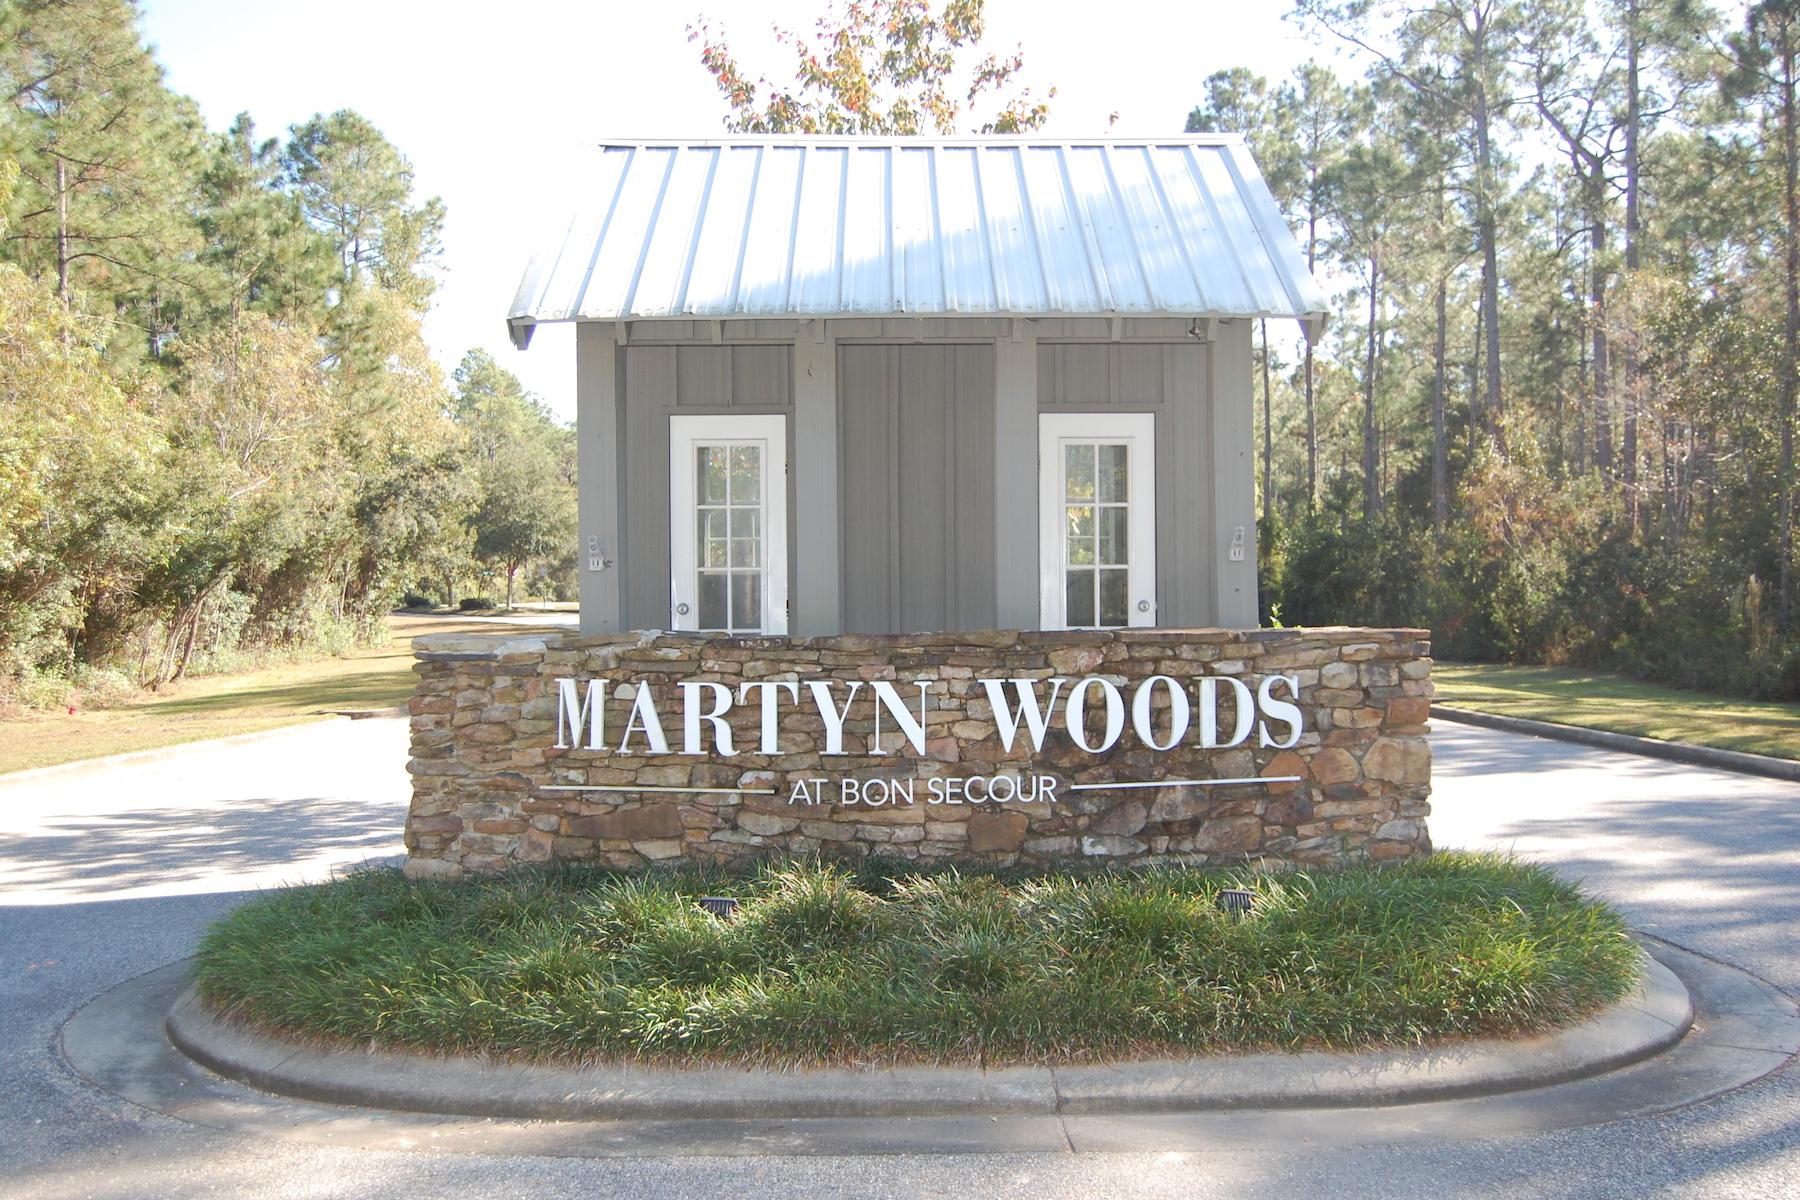 Земля для того Продажа на Martyn Woods Gulf Shores 0 Millwood Drive Lot #1, Gulf Shores, Алабама, 36542 Соединенные Штаты